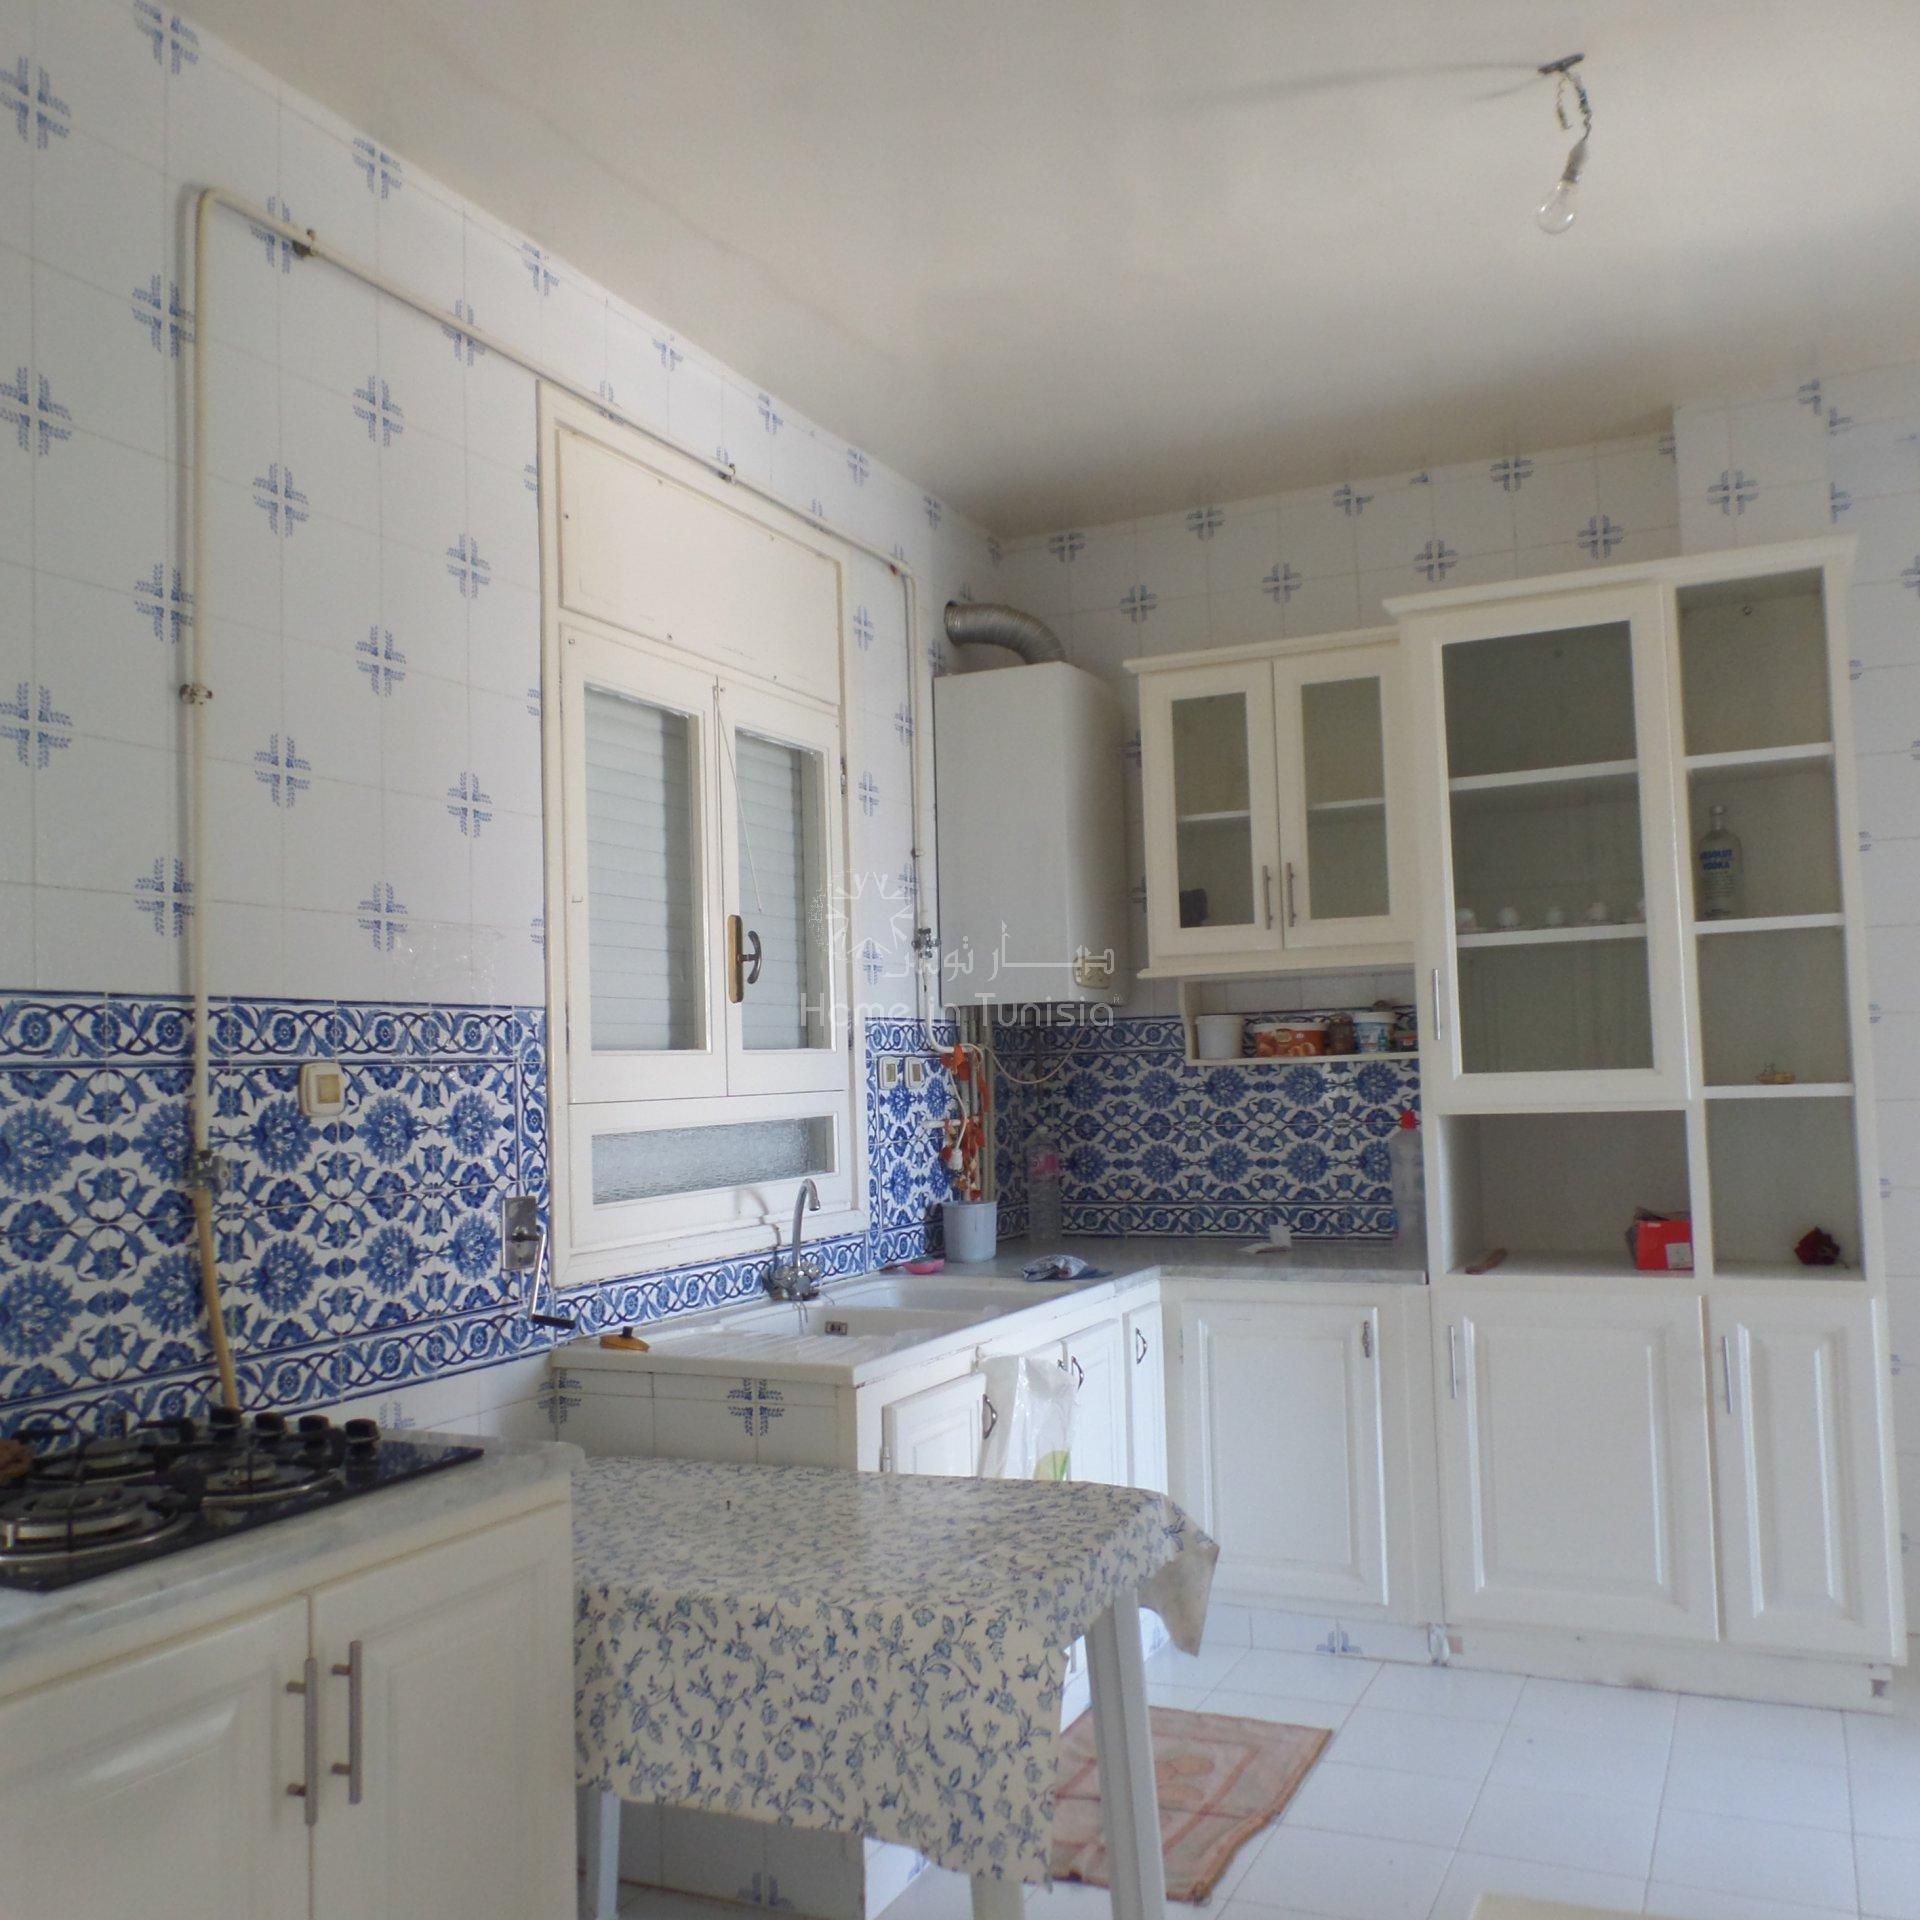 Rental Villa - Hammamet Hammamet Nord - Nabeul - Tunisia